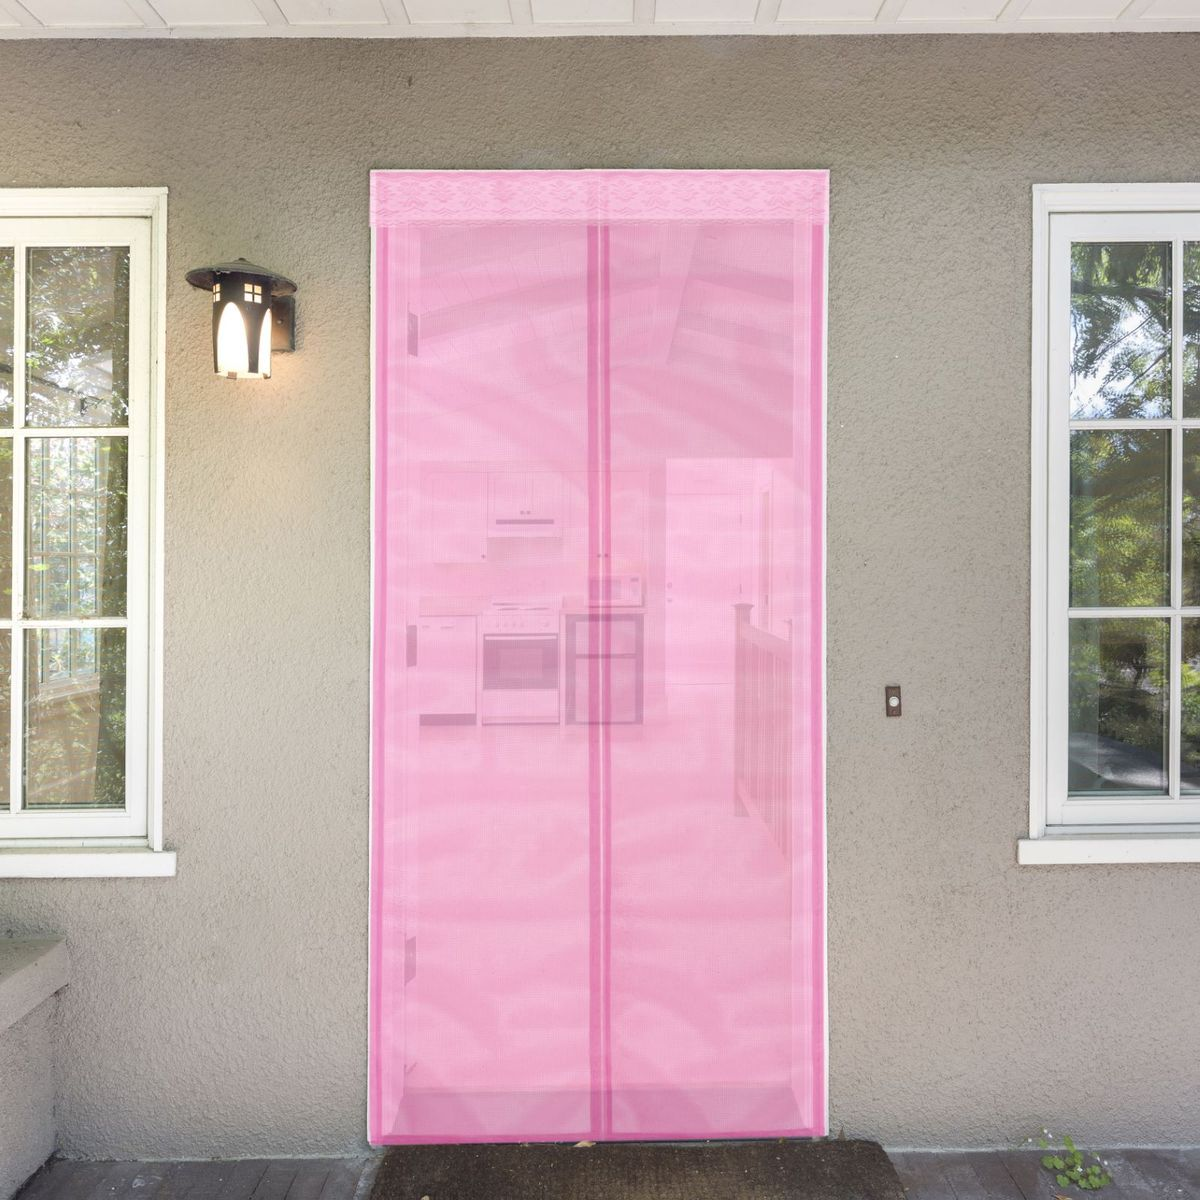 Сетка антимоскитная, на магнитной ленте, цвет: розовый, 80 х 210 см637928Сетка антимоскитная защитит вас от насекомых, изготовленная на магнитной ленте, универсальна в использовании: подвесьте ее при входе в садовый дом или балкон, чтобы предотвратить попадание комаров внутрь жилища. Наслаждайтесь свежим воздухом без компании надоедливых насекомых.Чтобы зафиксировать занавес в дверном проеме, достаточно закрепить занавеску по периметру двери с помощью кнопок, идущих в комплекте.В комплект входит: полиэстеровая сетка-штора (80 x 210 см), магнитная лента и крепёжные крючки.Принцип действия занавеса предельно прост: каждый раз, когда вы будете проходить сквозь шторы, они автоматически захлопнутся за вами благодаря магнитам, расположенным по всей его длине.